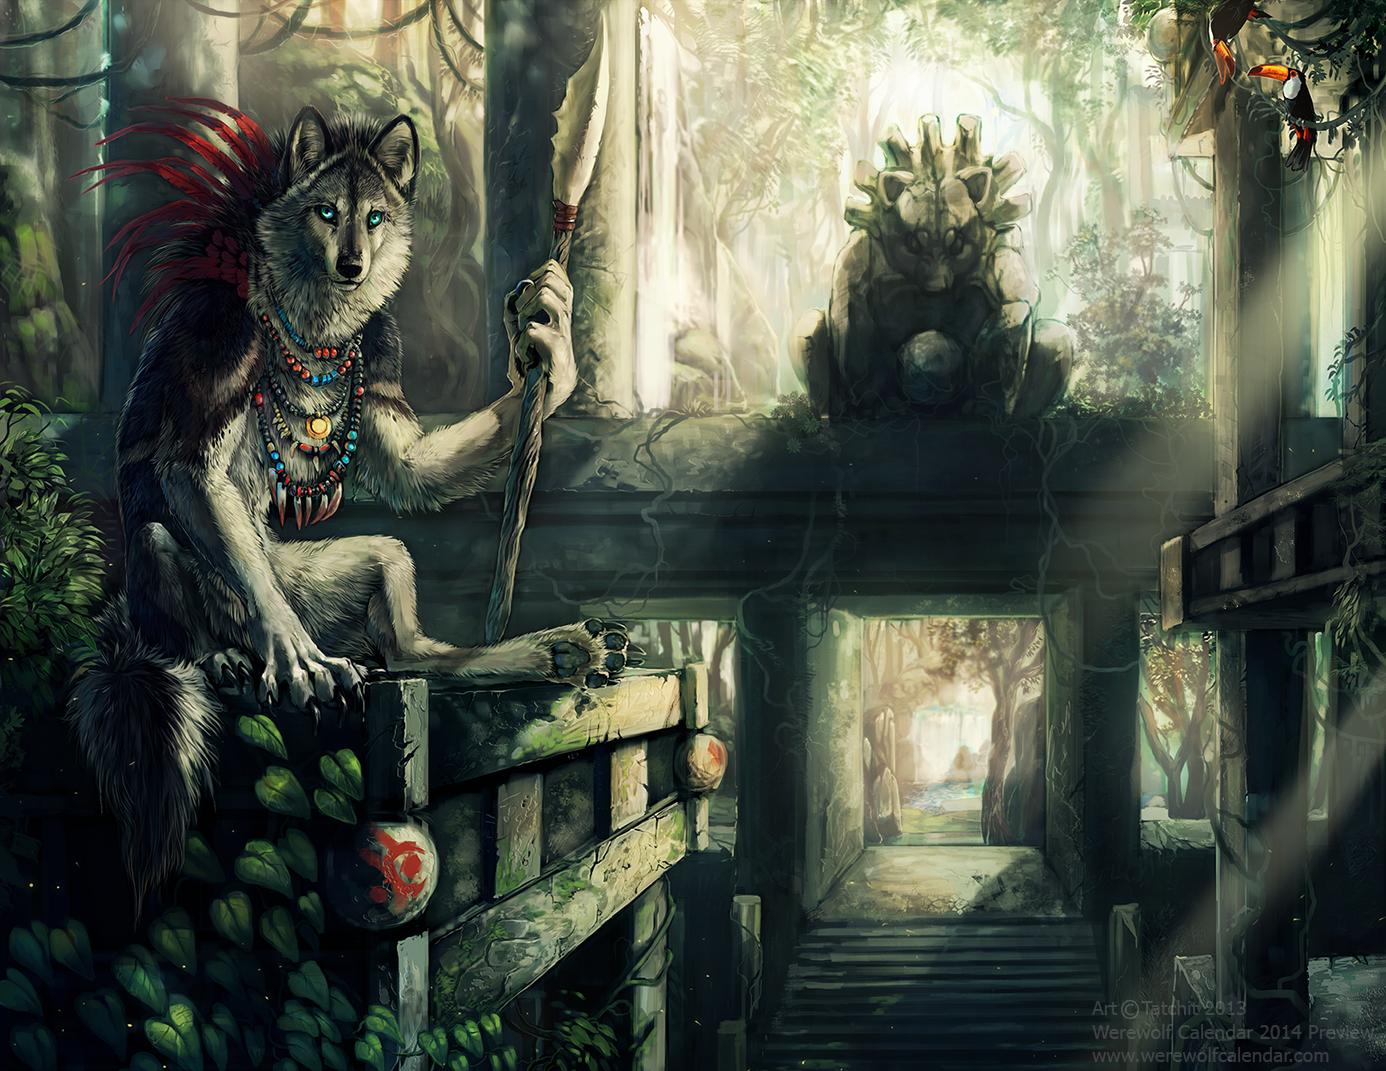 Werewolf Calendar 2014 by Tatchit